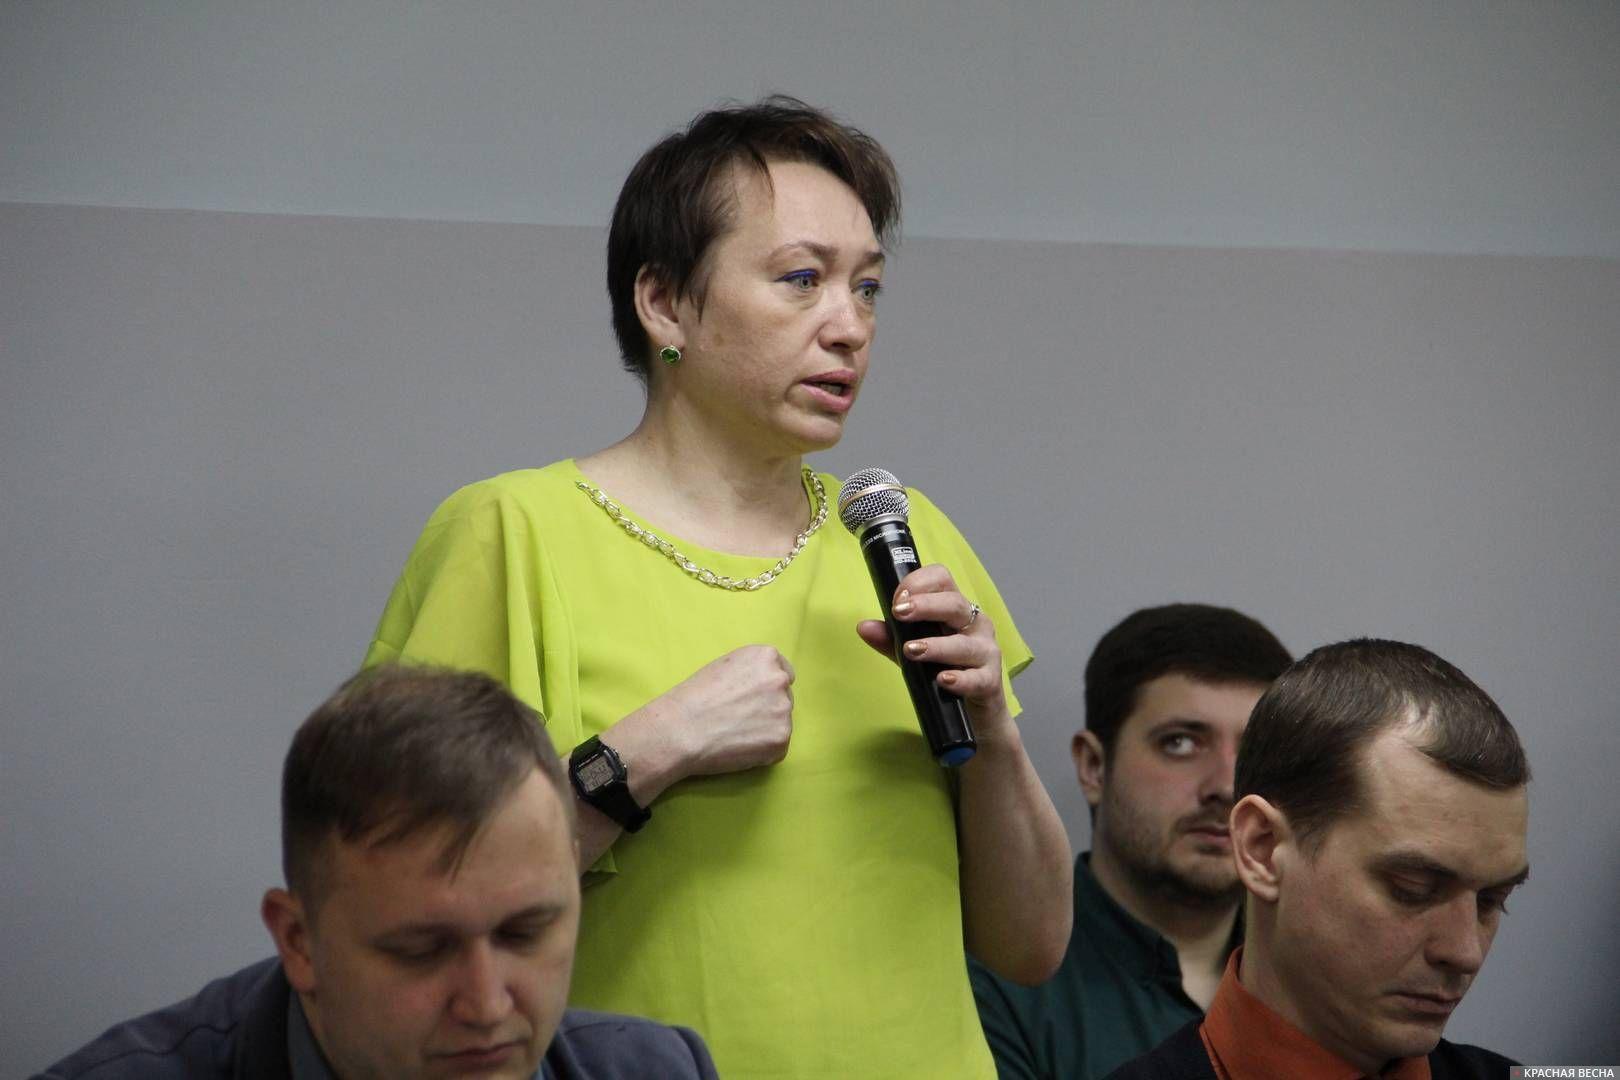 Кандидат медицинских наук доцент Кемеровского ГСХИ Лариса Куракина